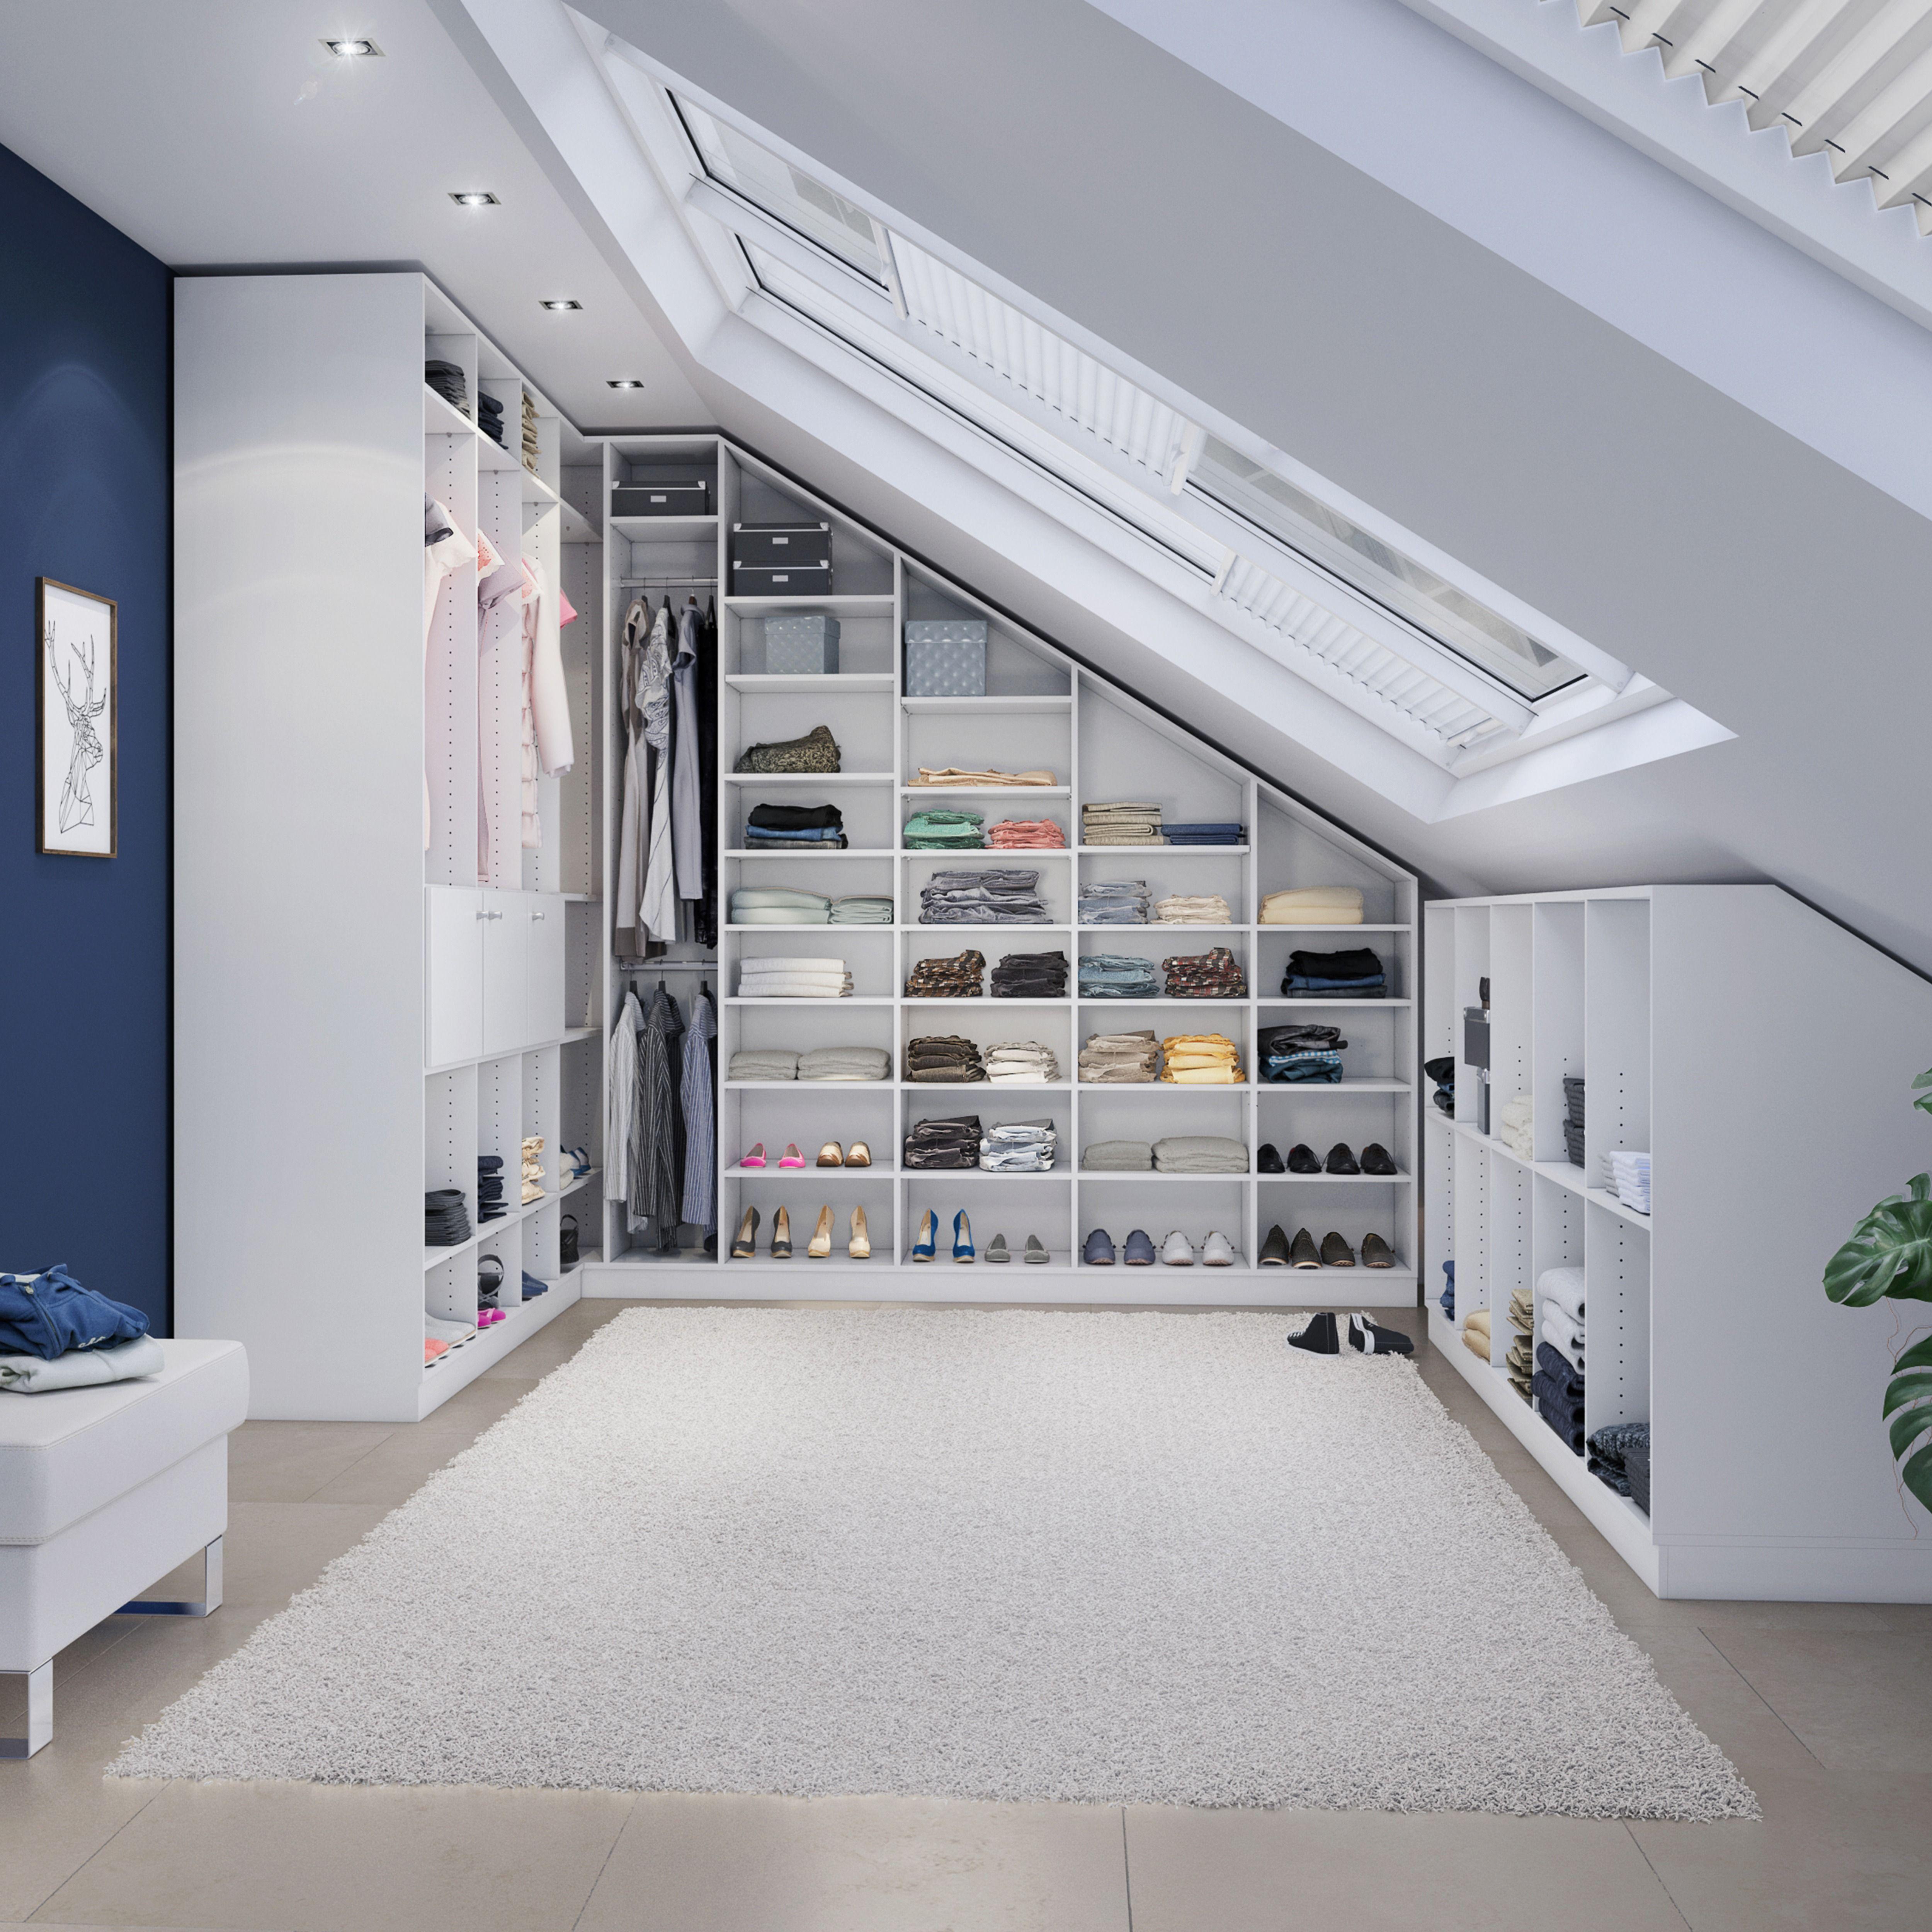 Ankleidezimmer Traum Unter Dachschrägen Kleiderschrank Für Dachschräge Ankleide Zimmer Ankleidezimmer